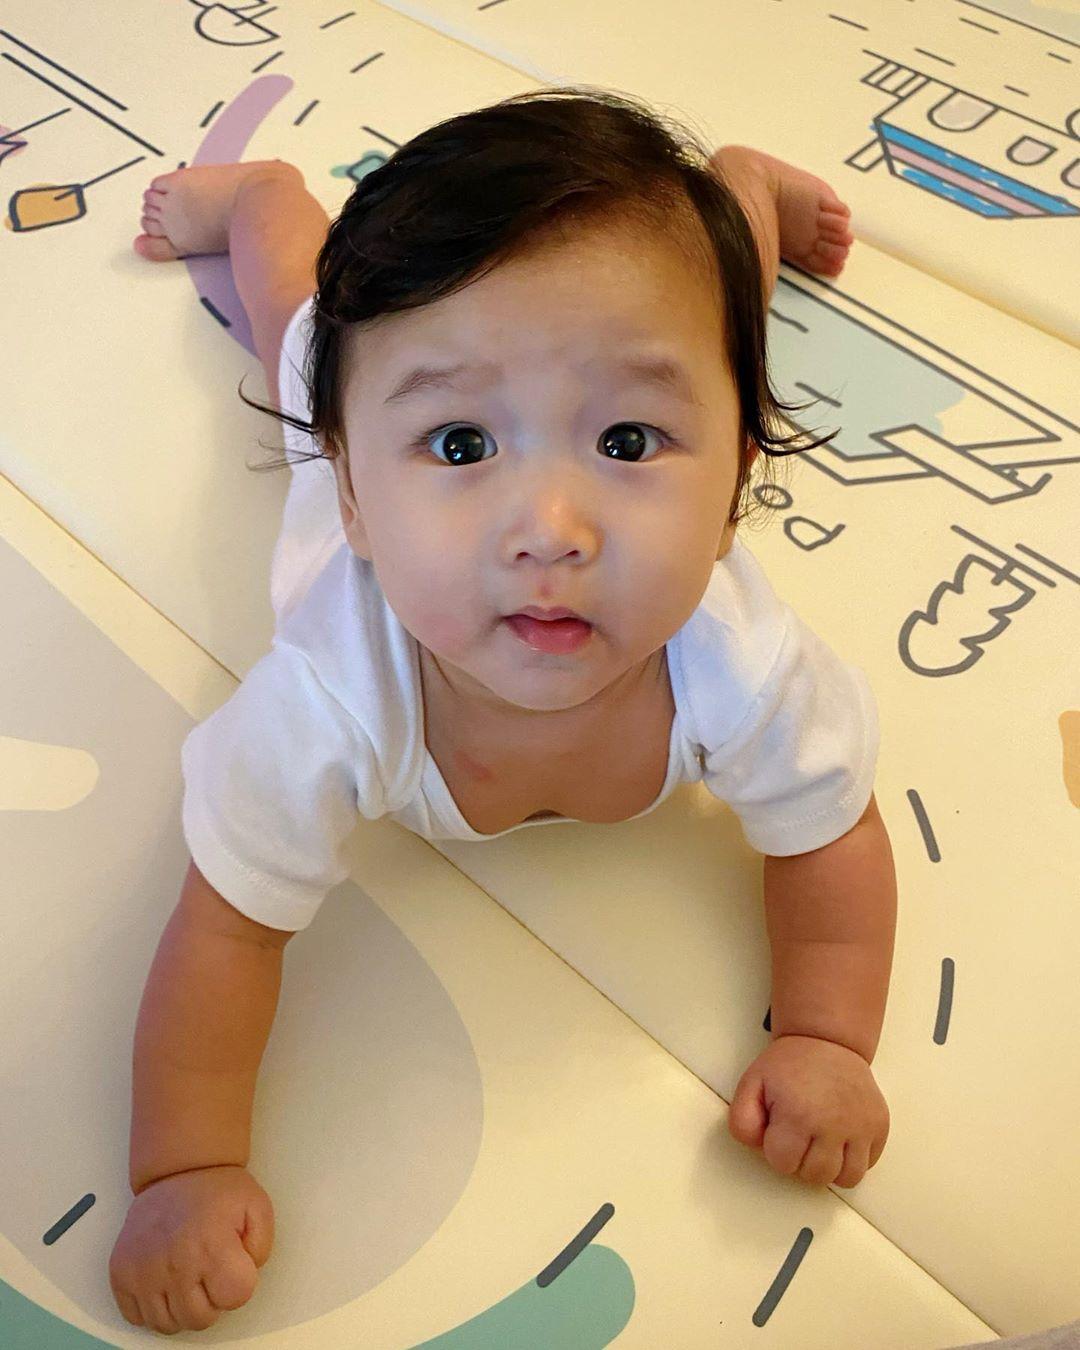 杏兒細仔李奕霖(Ryan)六個月大。